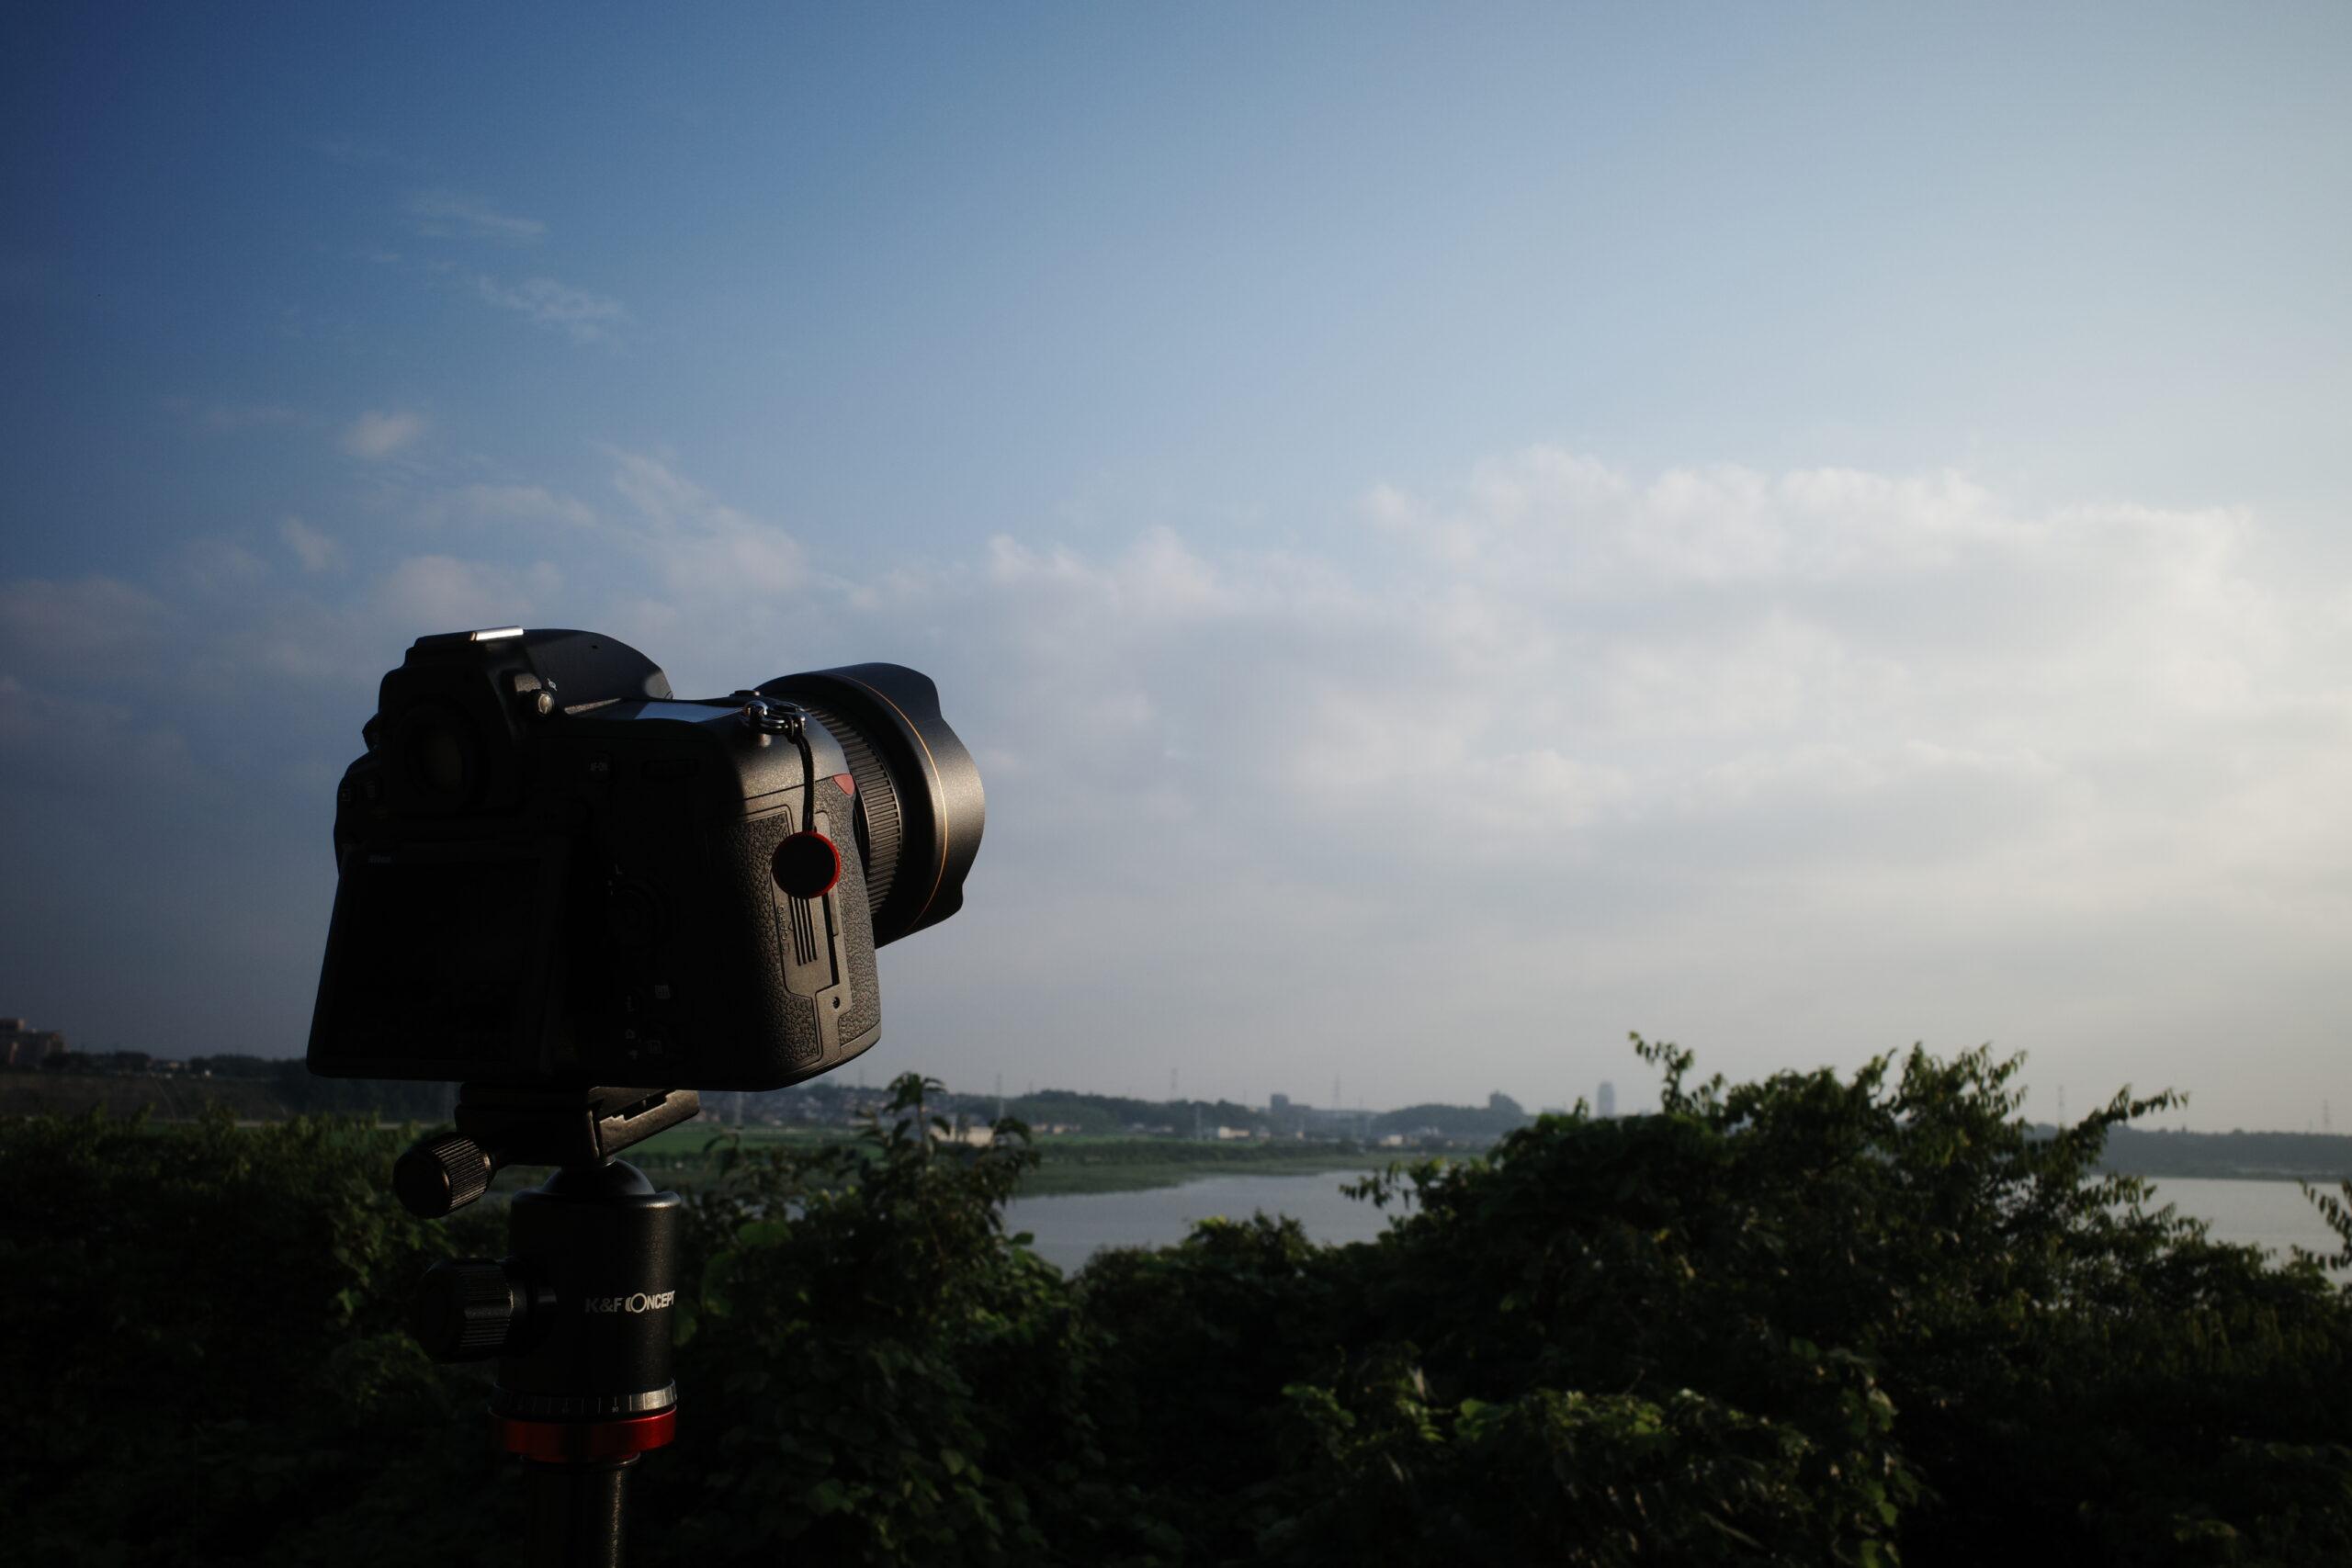 梅雨の中休み、夕焼けと星空のタイムラプスを撮りたかった